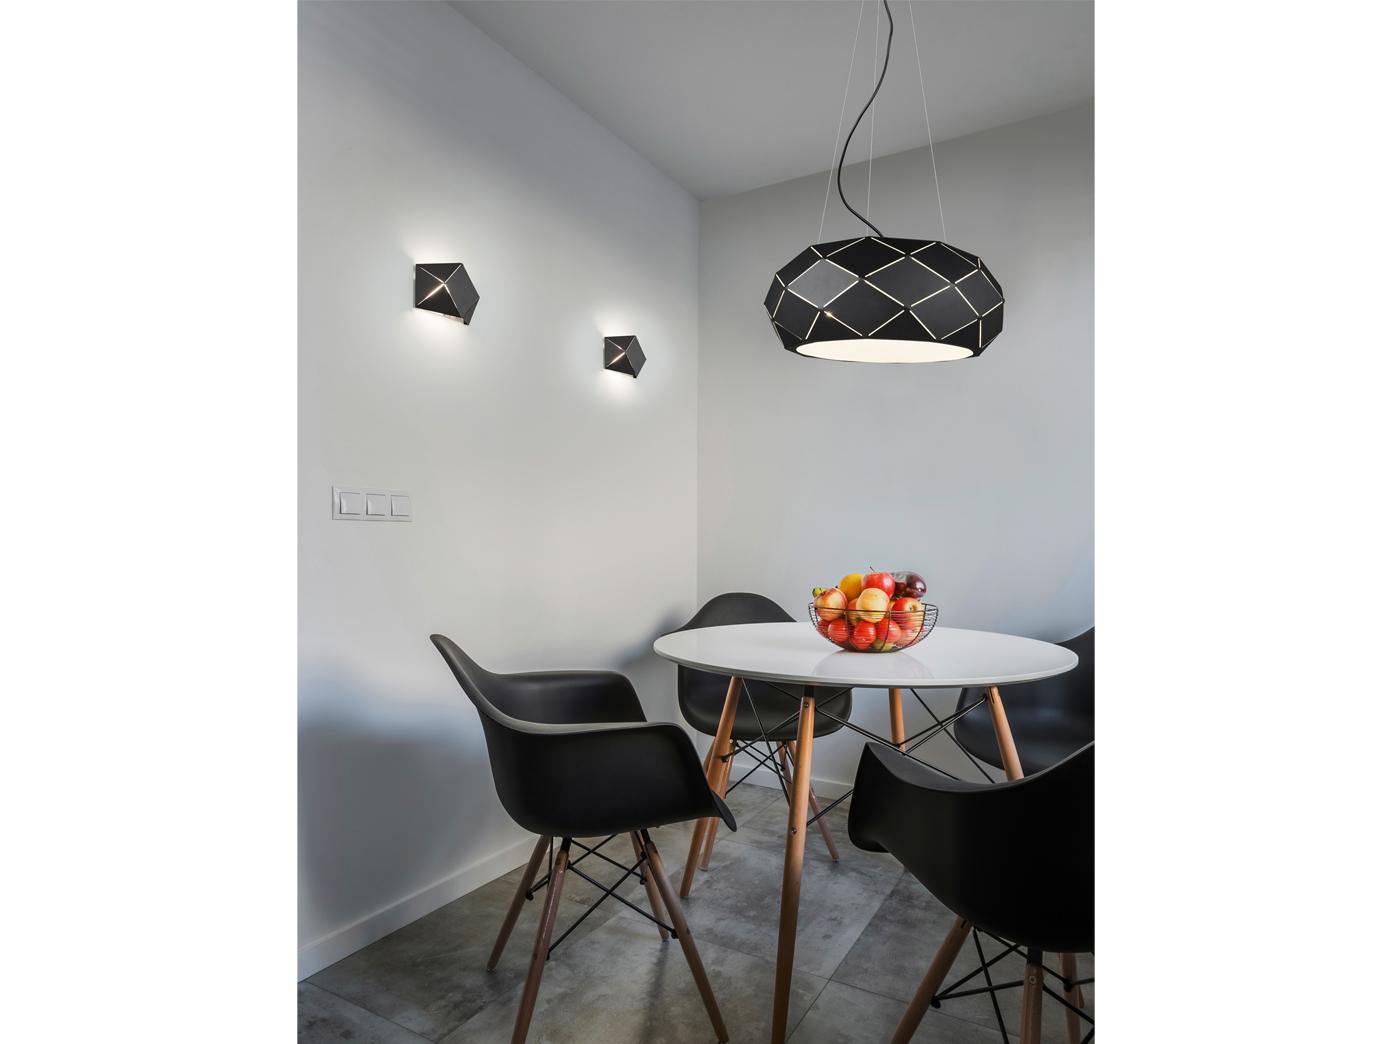 Full Size of Lampe über Kochinsel 5e2b832f5be8c Wohnzimmer Deckenlampe Betten überlänge Bad Lampen Küche Deckenlampen Modern Schlafzimmer Stehlampen Spiegellampe Wohnzimmer Lampe über Kochinsel